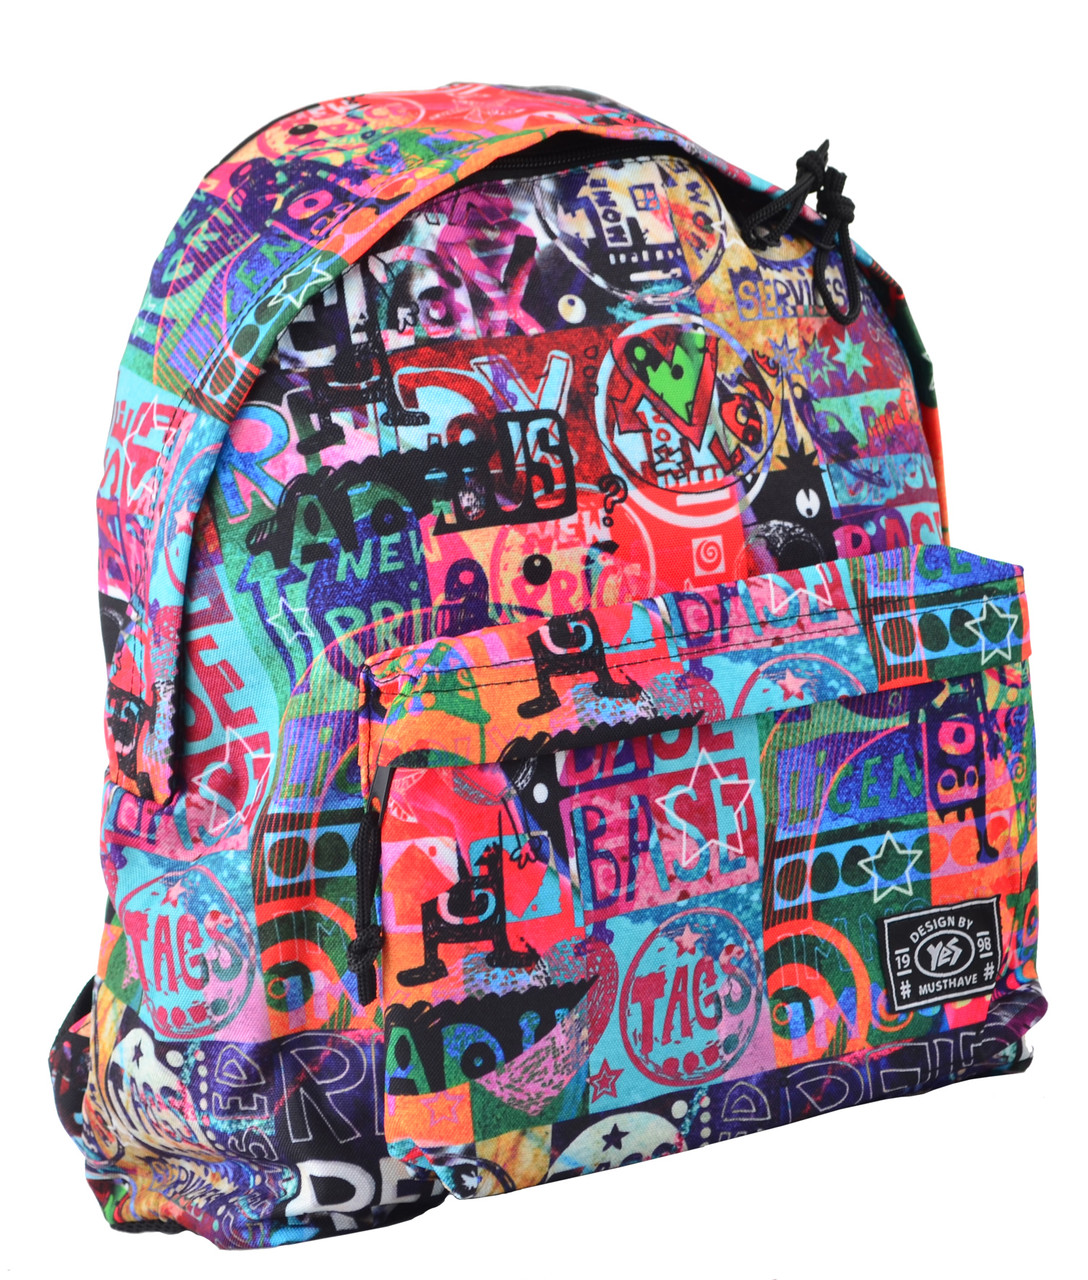 Рюкзак молодежный ST-17 Crazy relax, 42*32*12